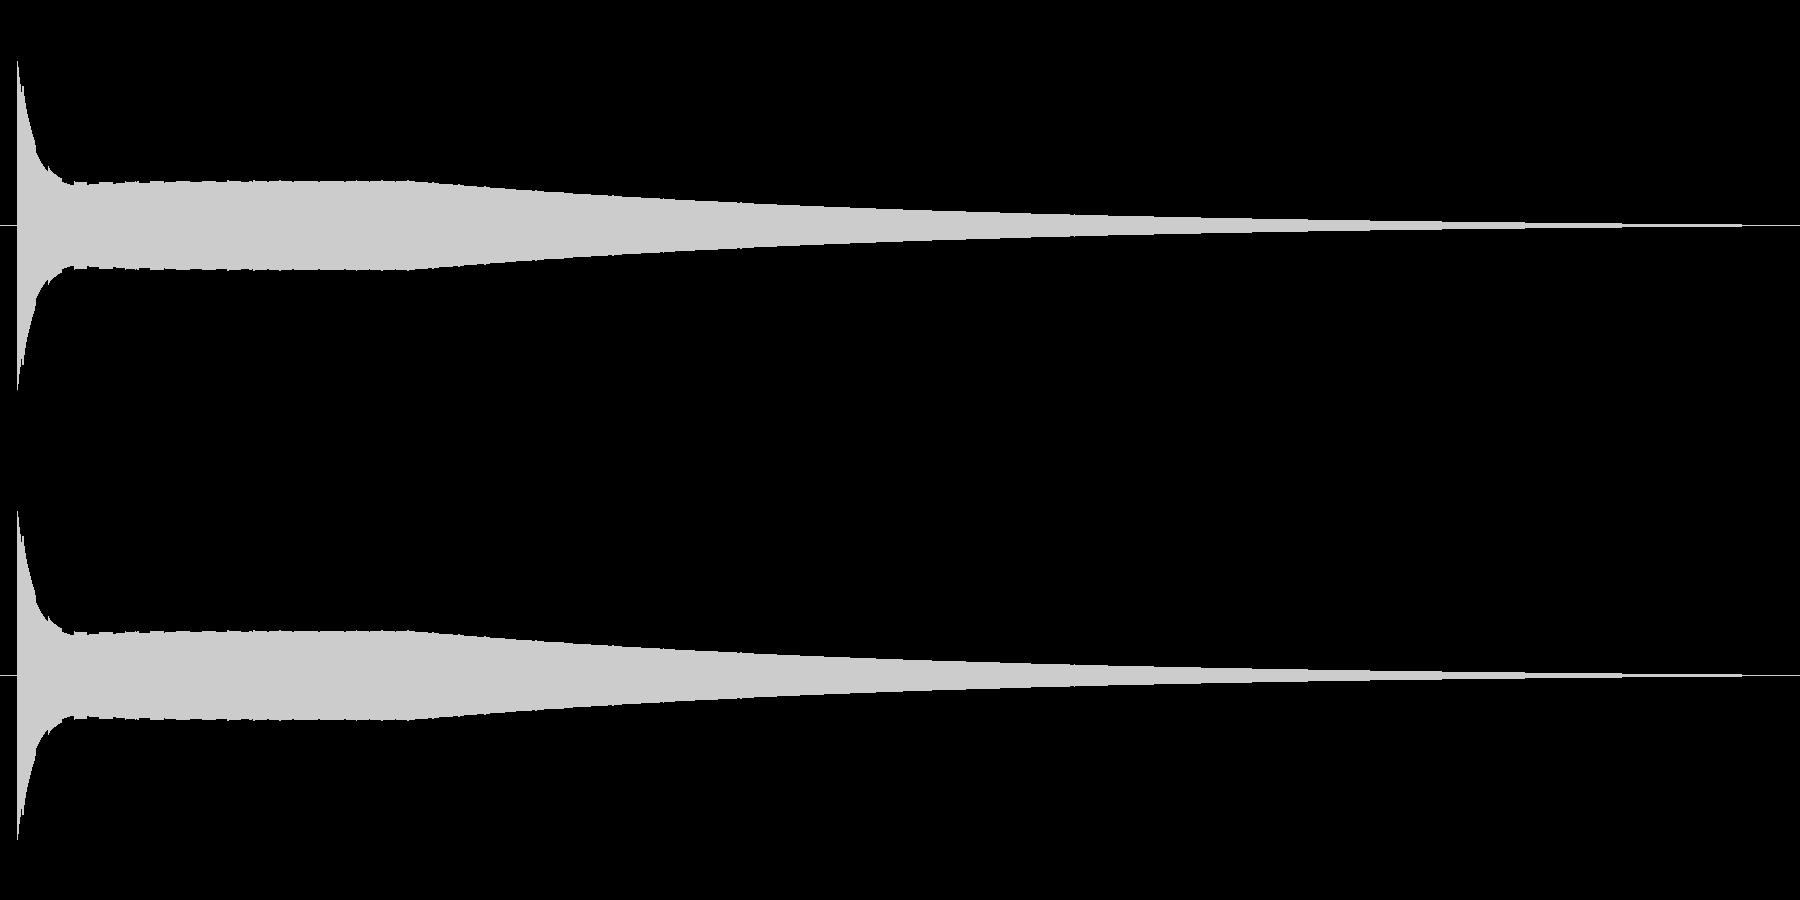 昭和のUFO飛行音の未再生の波形